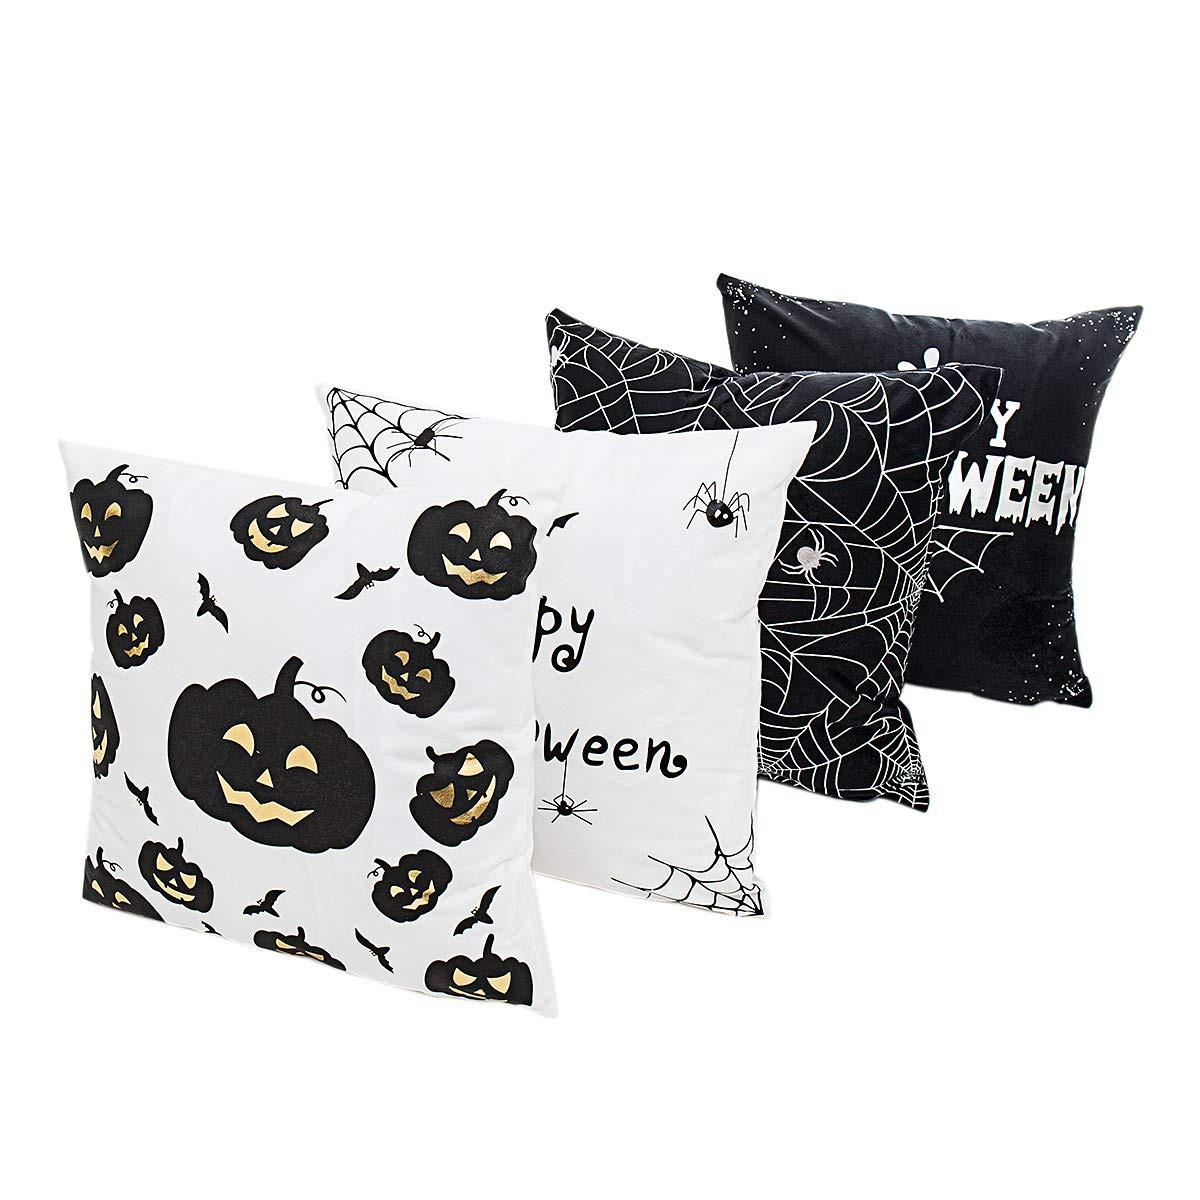 Everydlife Funda De Almohada Wicked Halloween De 4 Piezas F ...